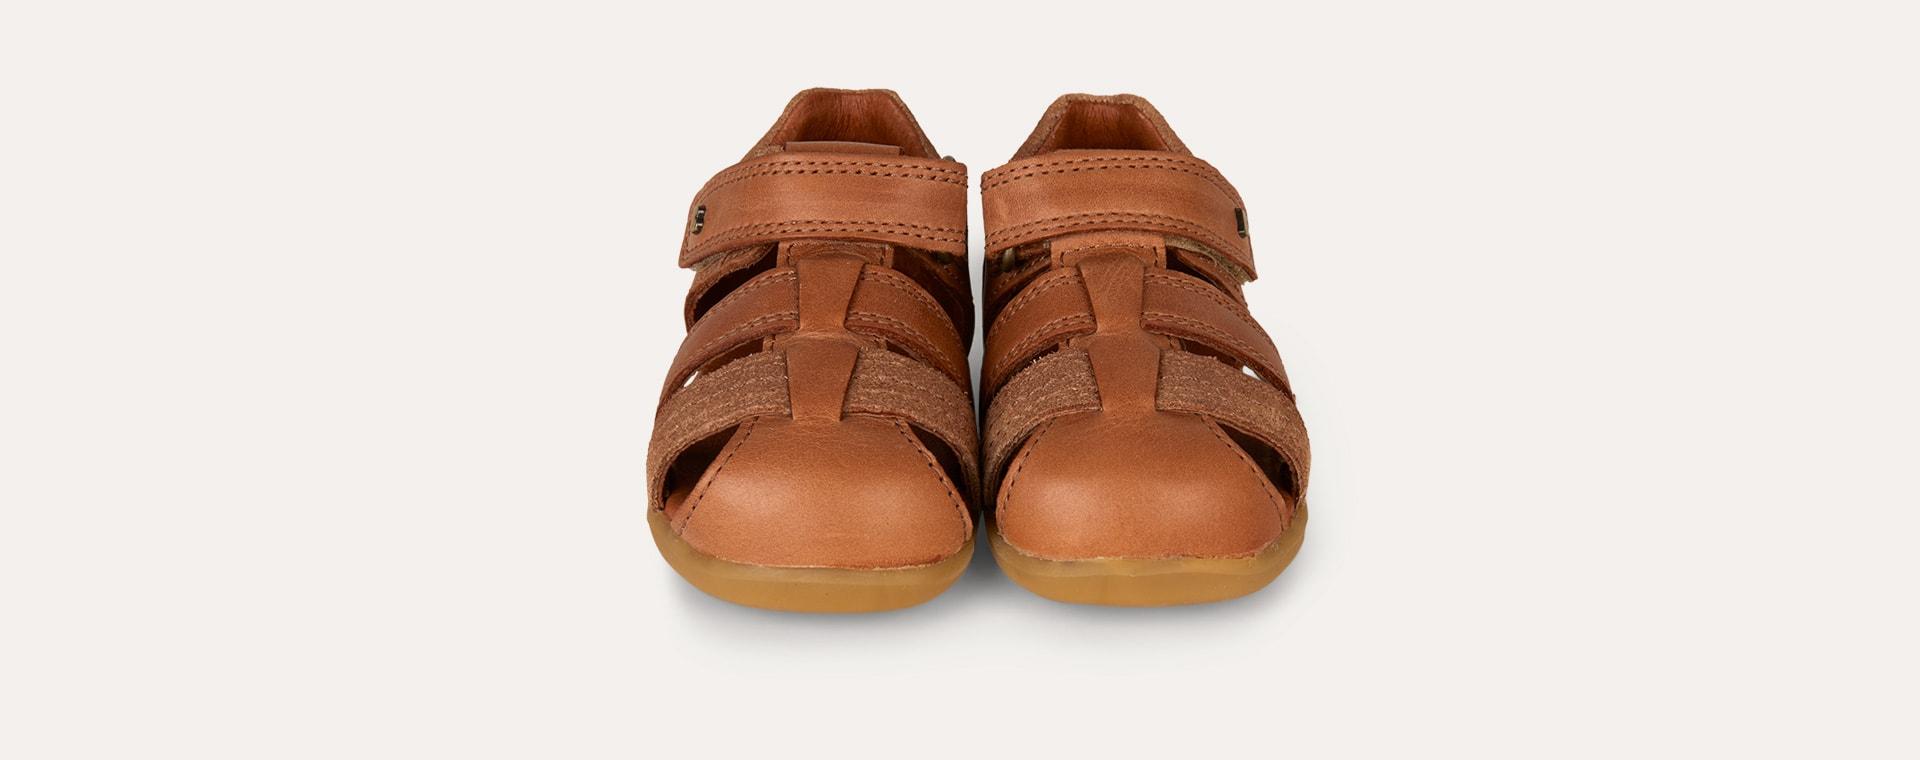 Caramel Bobux Step Up Roam Closed Sandal